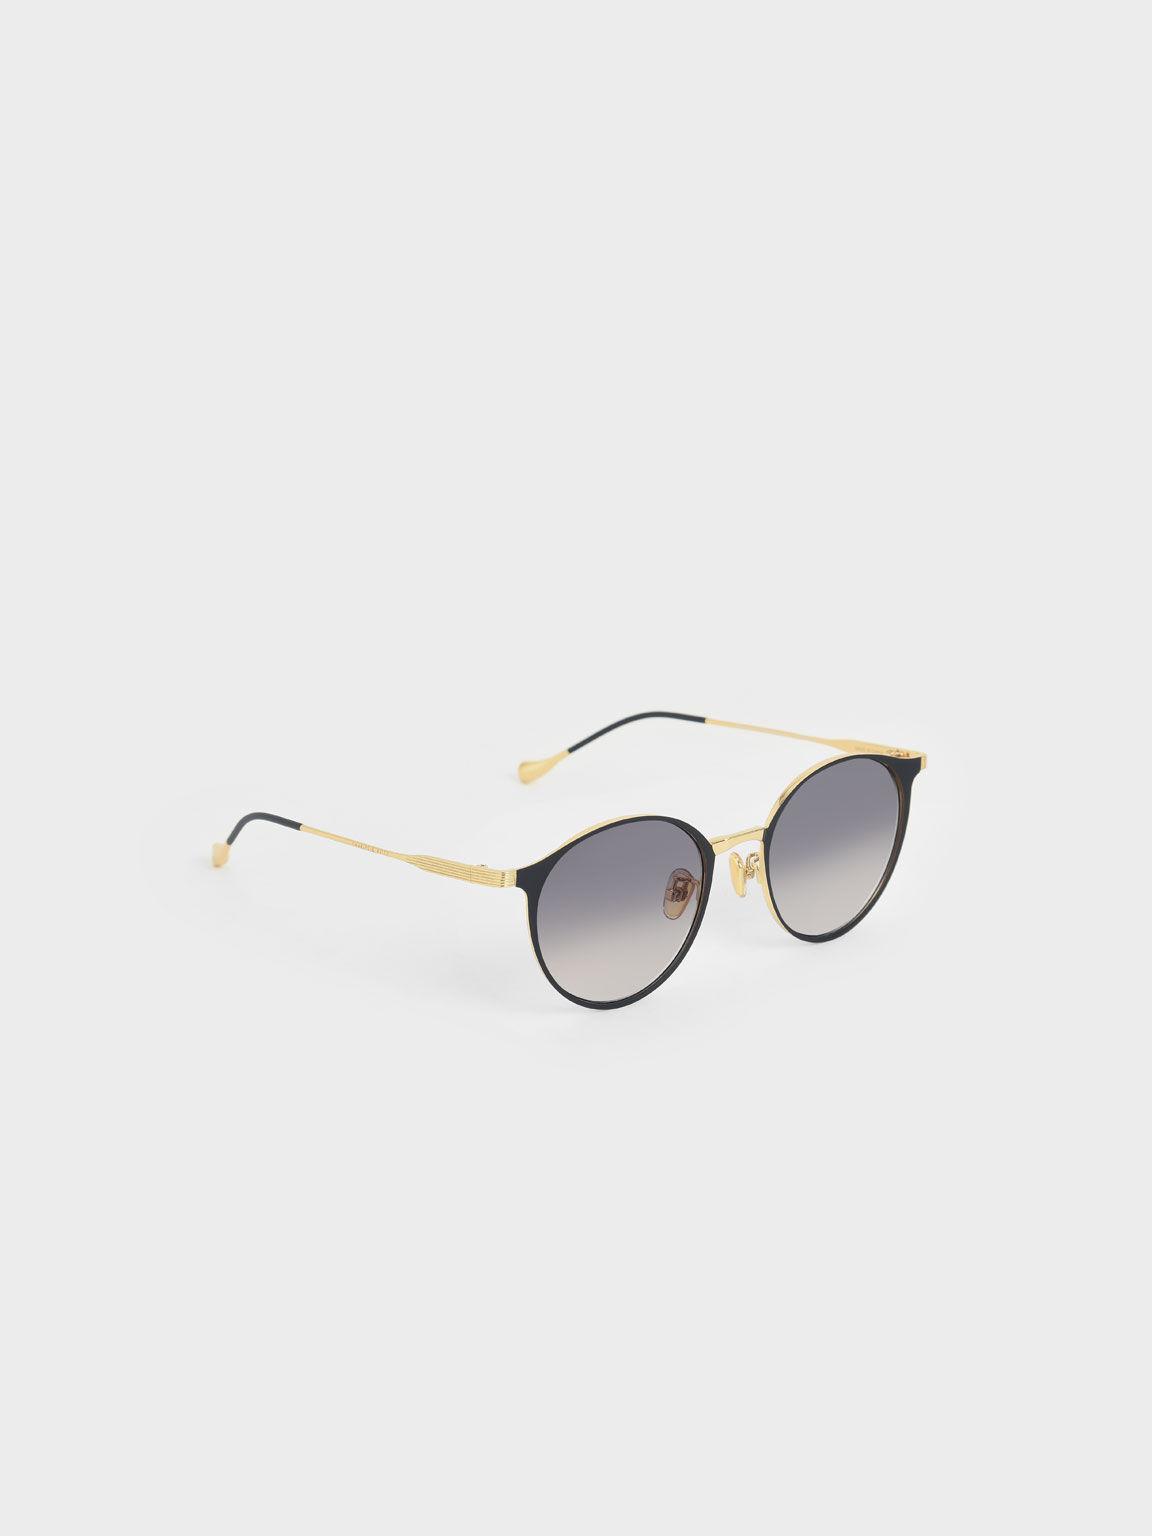 Tinted Round Sunglasses, Black, hi-res